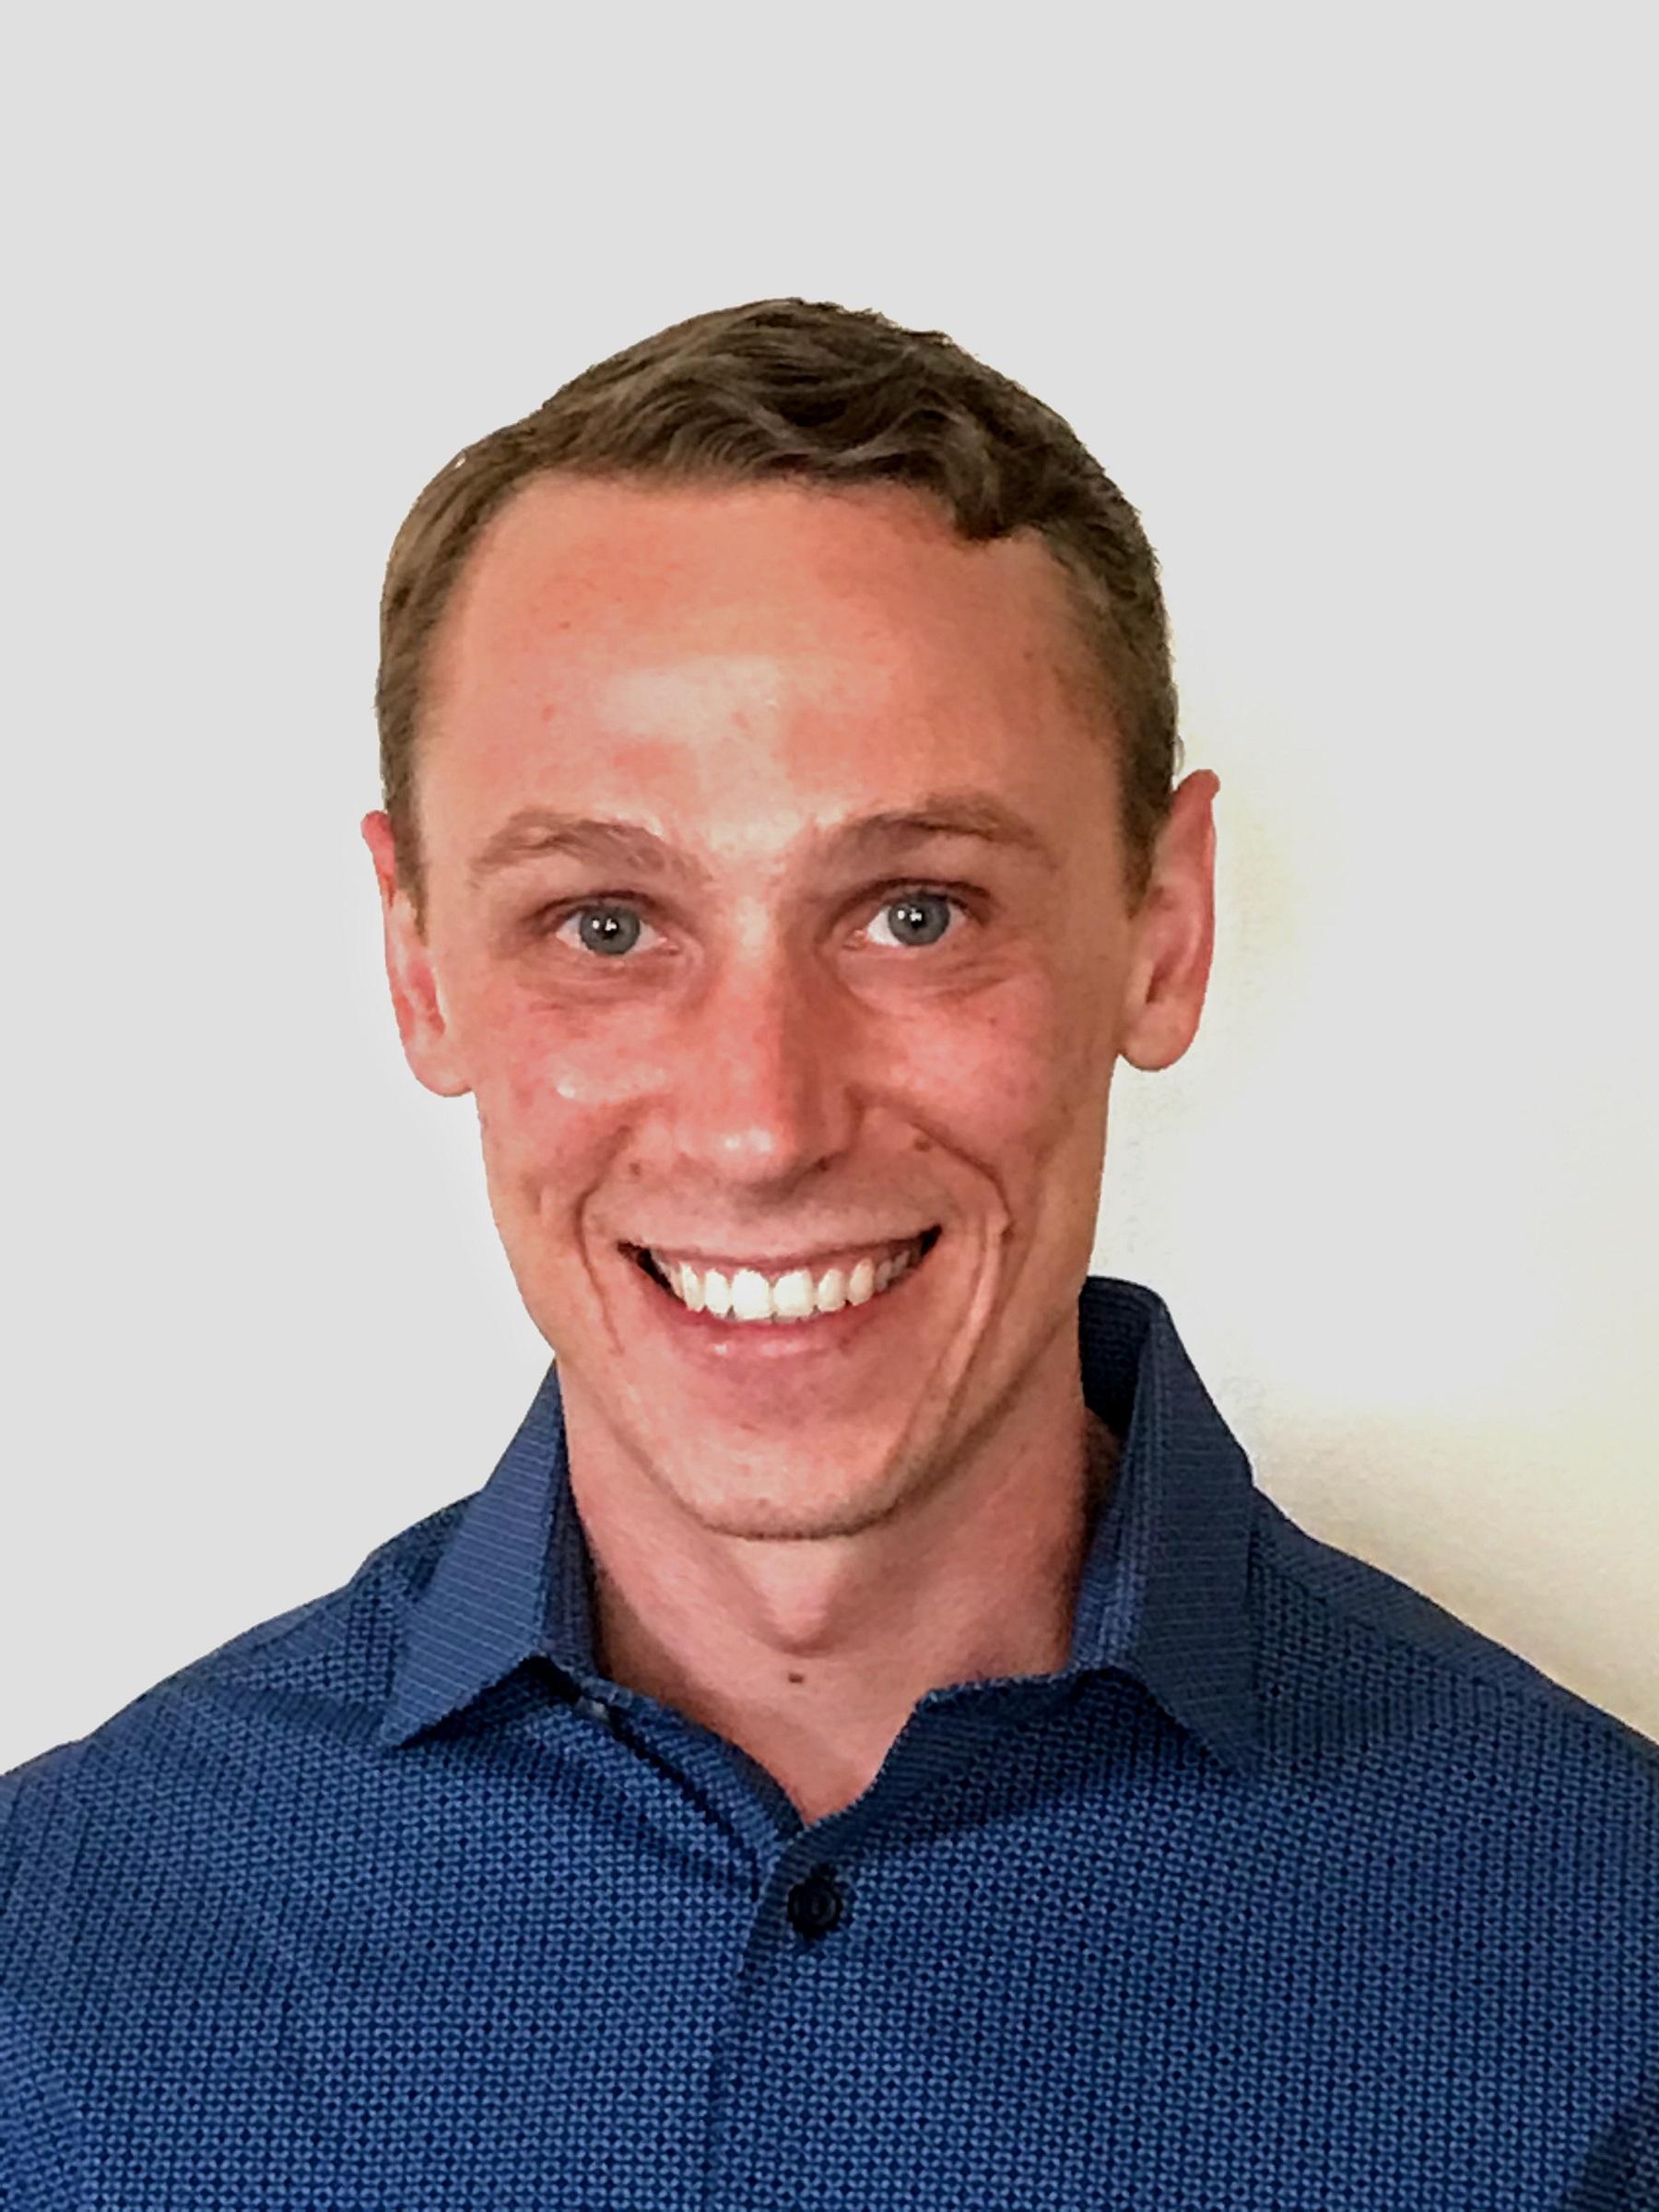 NathanLautz